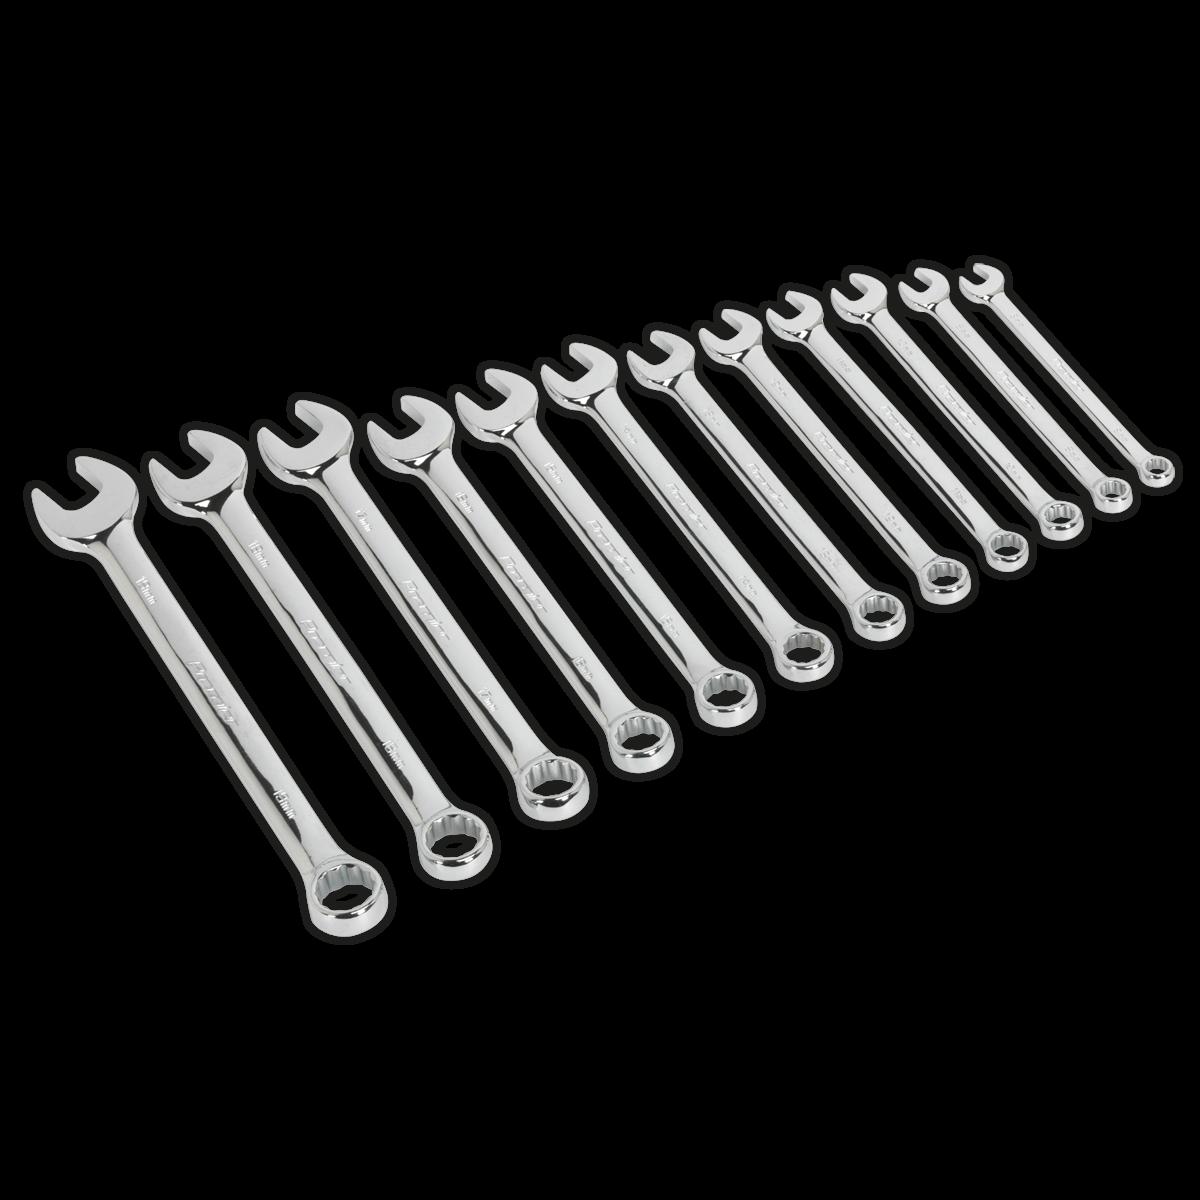 AK63012 Sealey Combination Spanner Set 12pc Metric